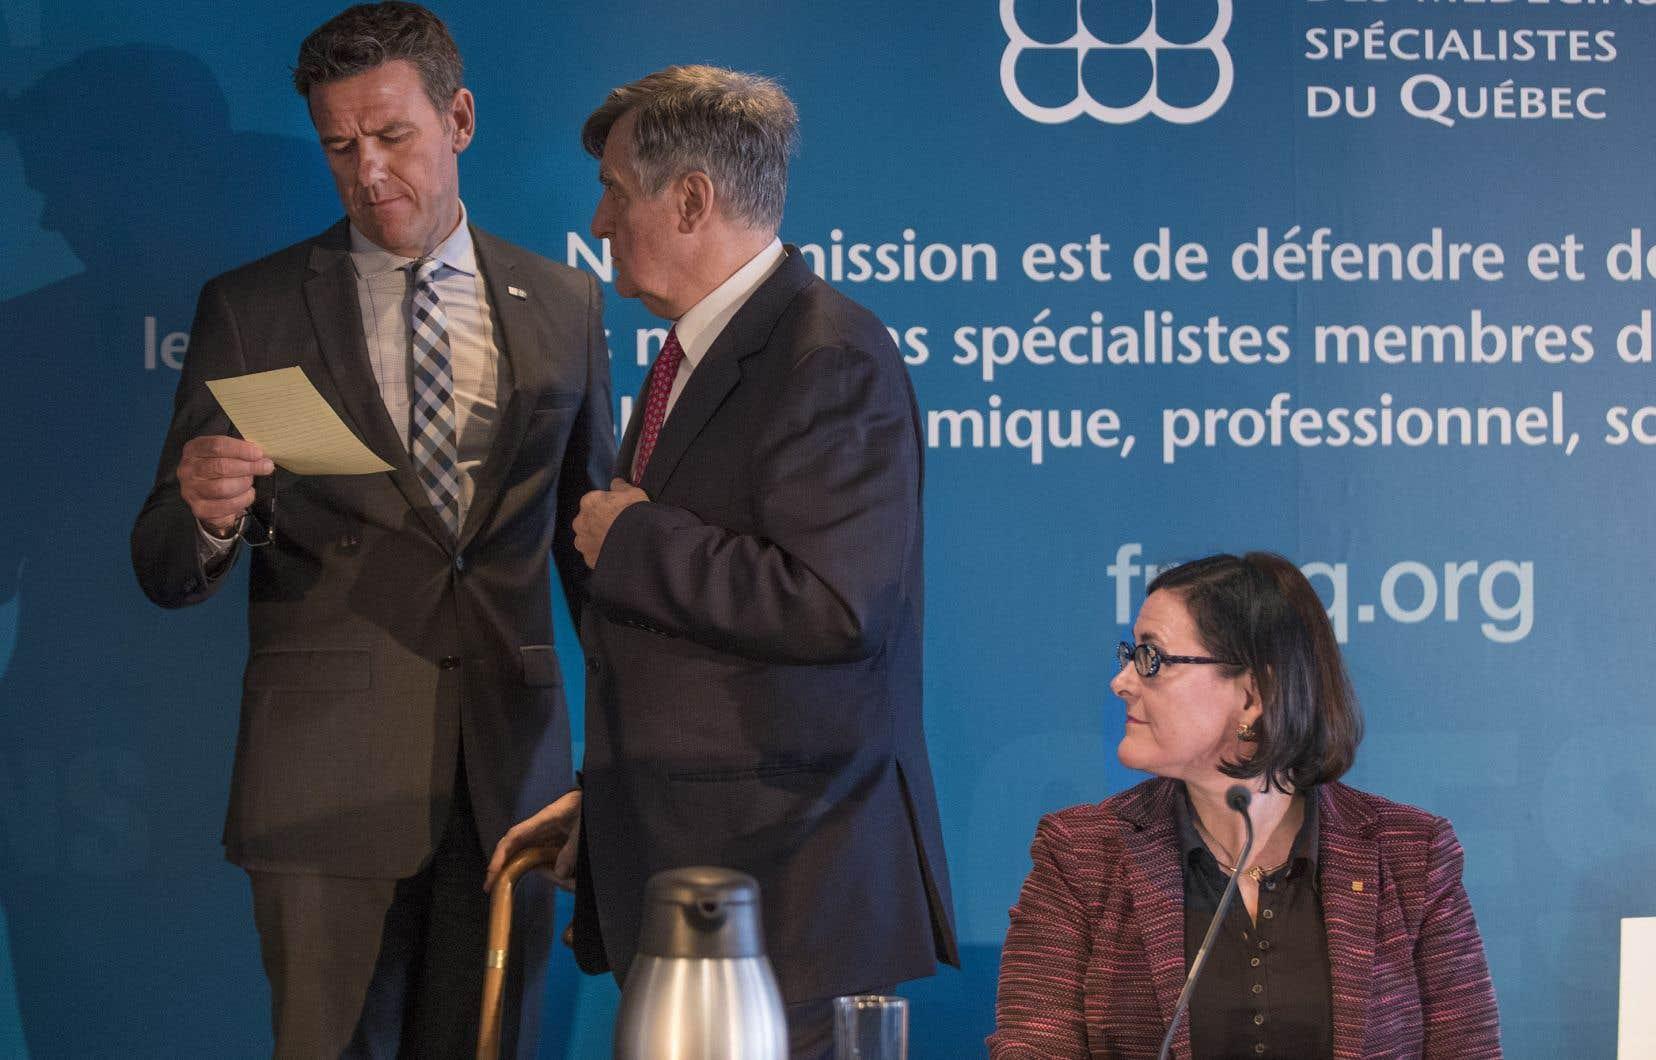 La présidente de la Fédération des médecins spécialistes, la DreDiane Francœur, regarde vers le directeur des affaires juridiques du syndicat, MeSylvain Bellavance, et l'ancien premier ministre Lucien Bouchard, qui agit comme conseiller spécial de la FMSQ.